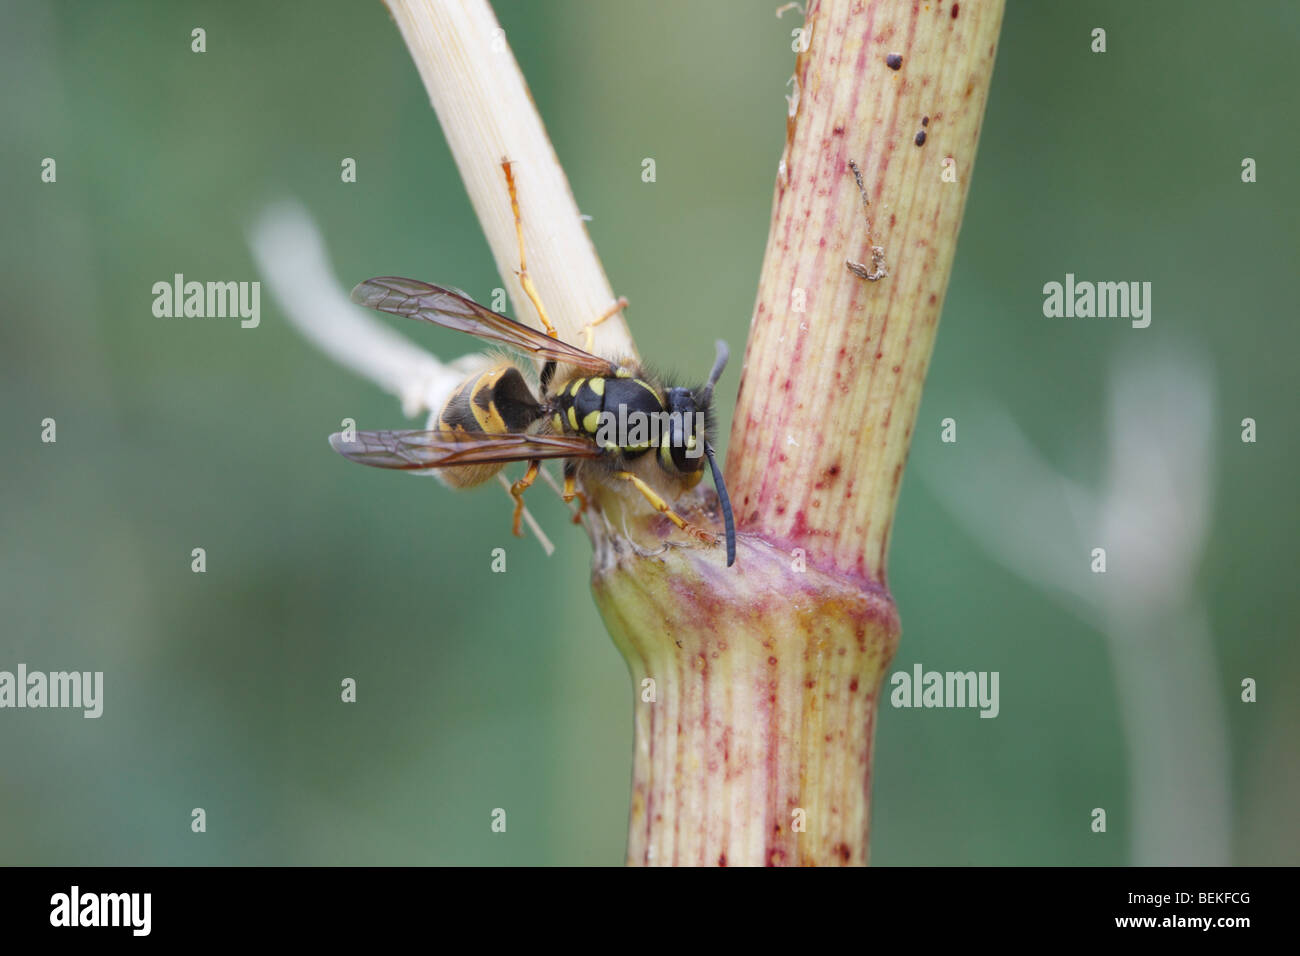 Common wasp (Vespula vulgaris) rasping surface of fools parsley - Stock Image